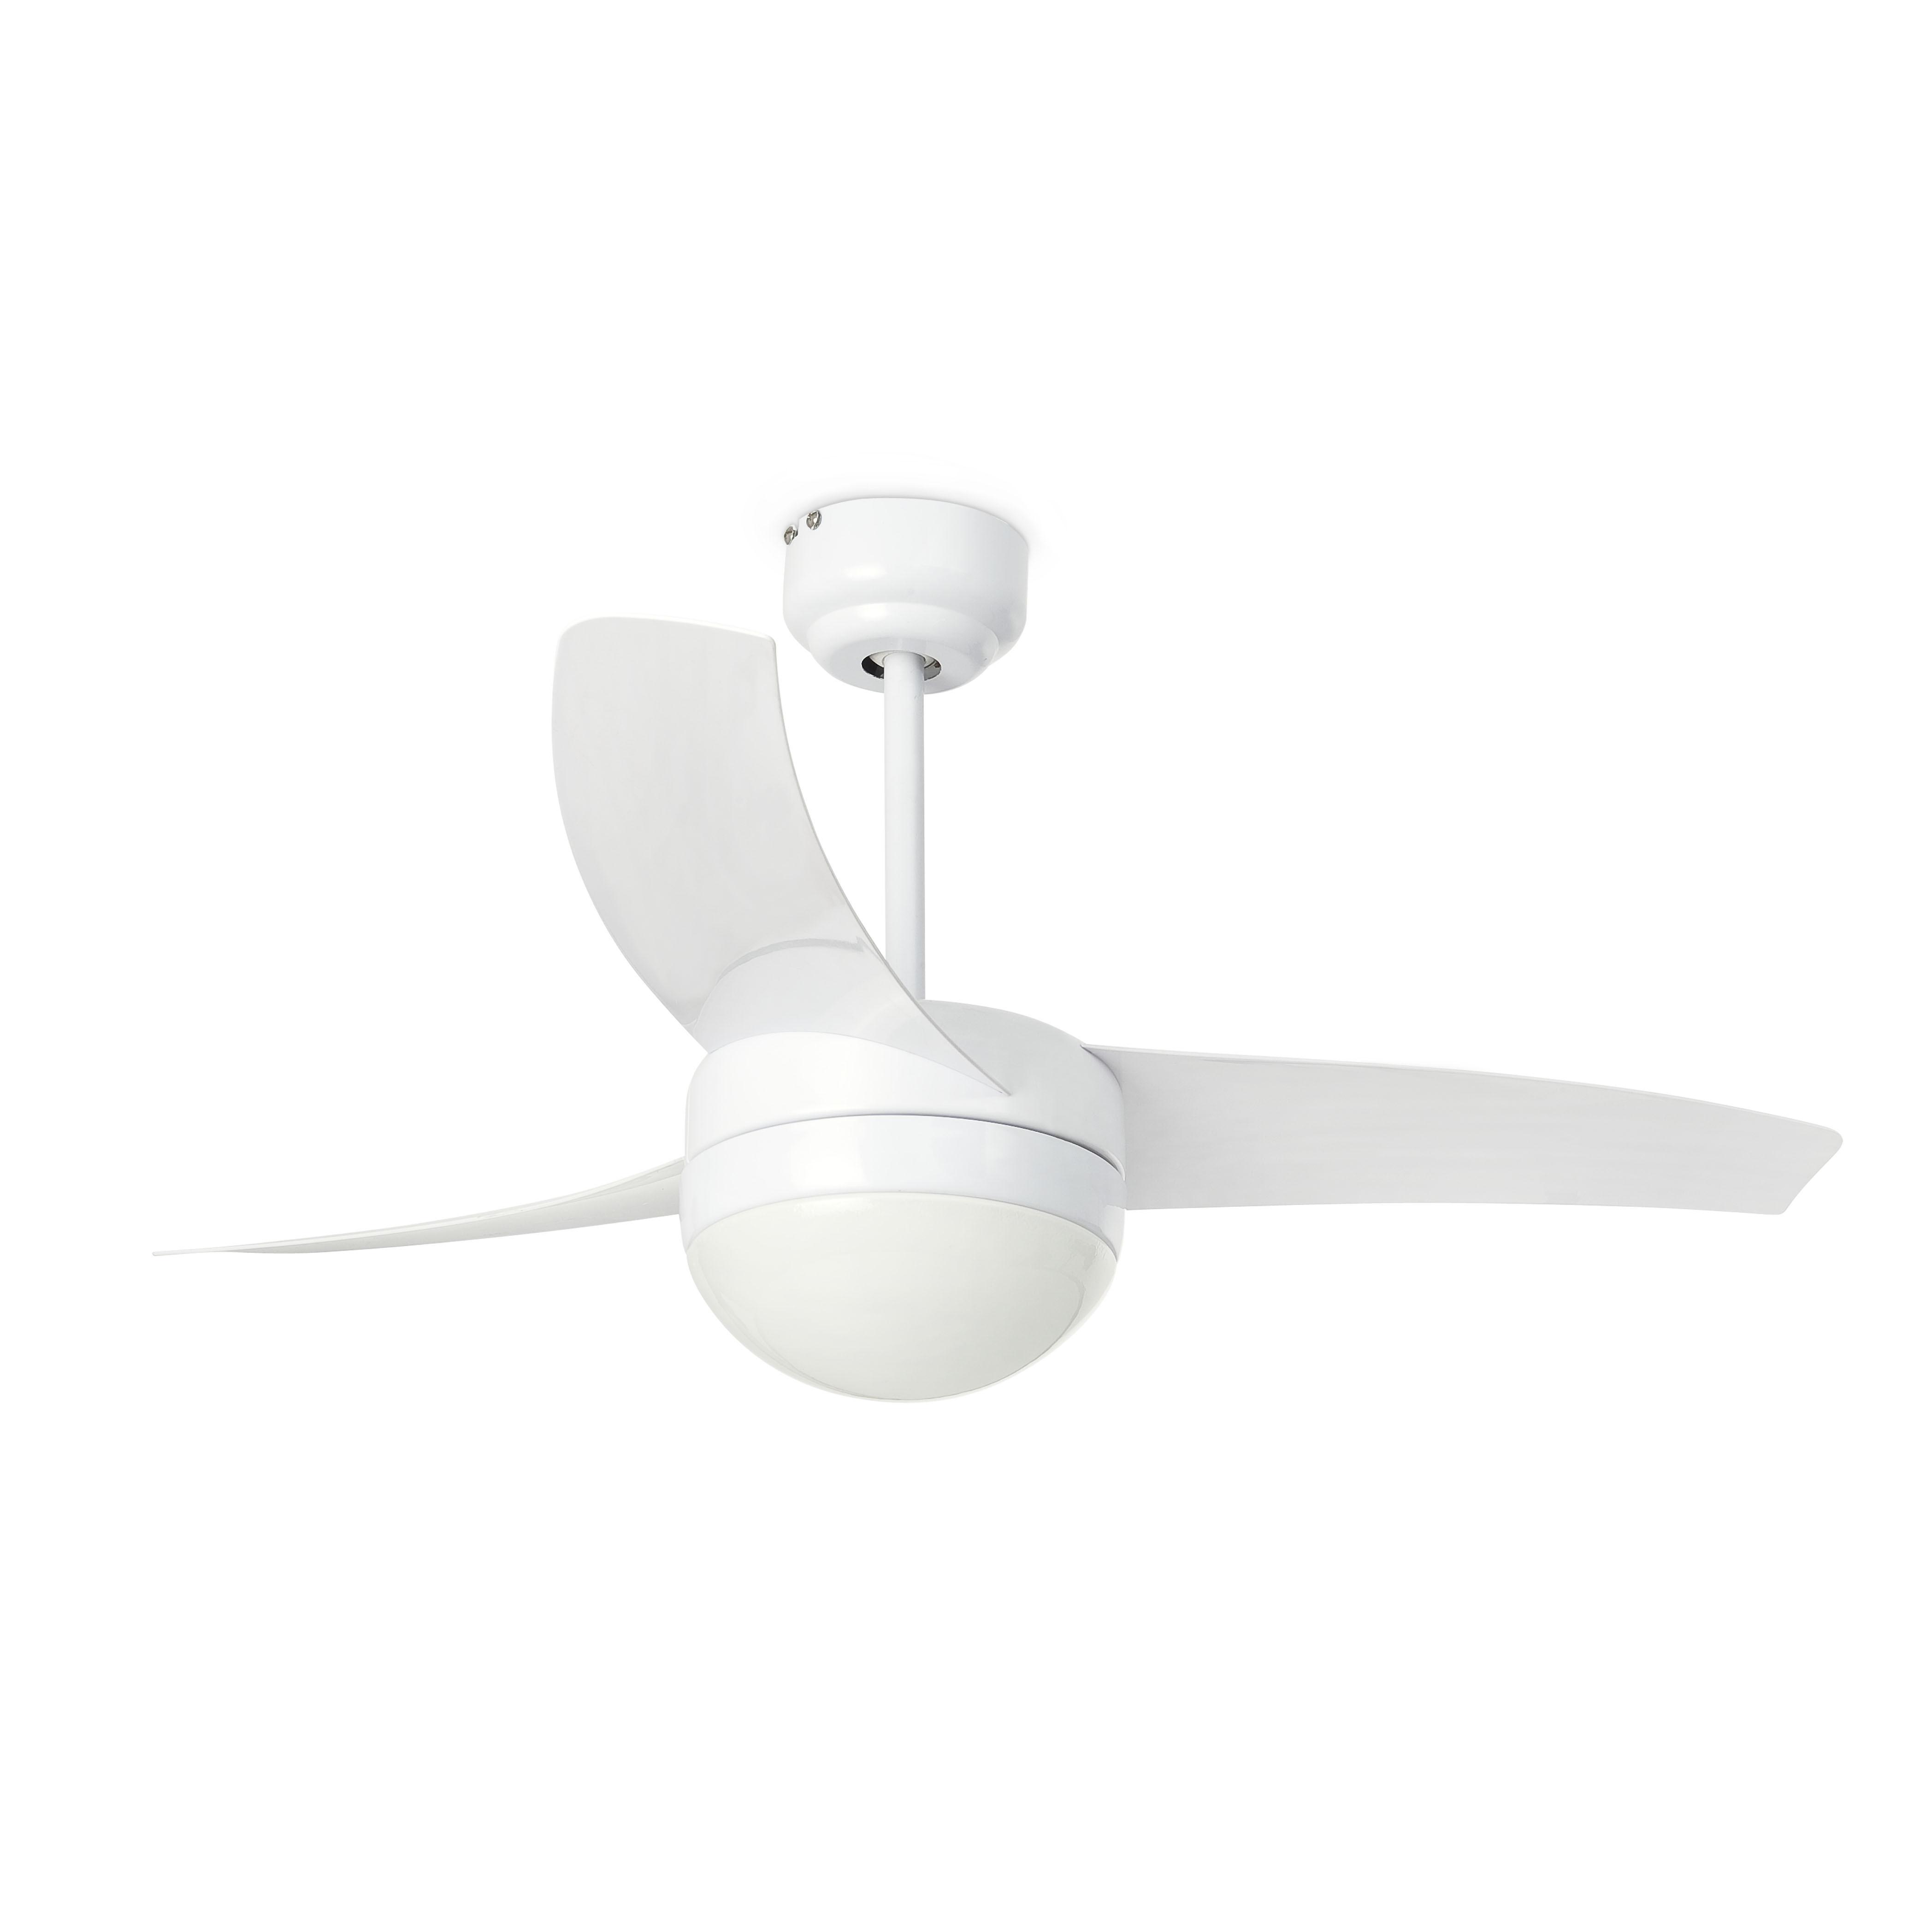 Ventilateur de plafond lumineux, EASY blanc ,3 pales design.